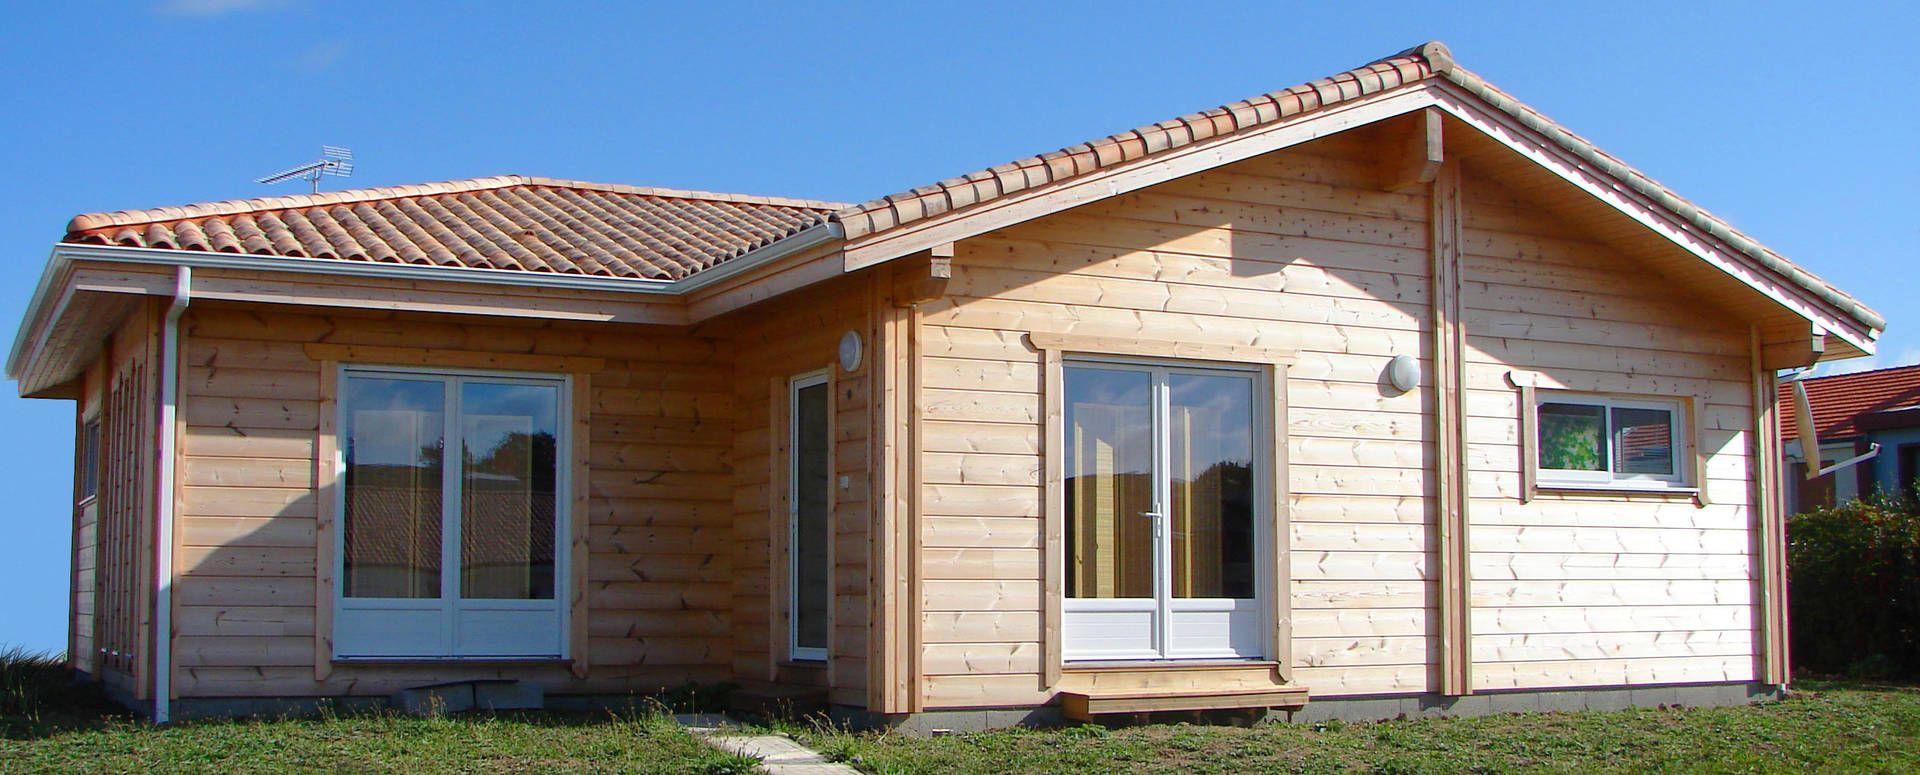 maison bois cl en main mikabois maisons bois tiny. Black Bedroom Furniture Sets. Home Design Ideas